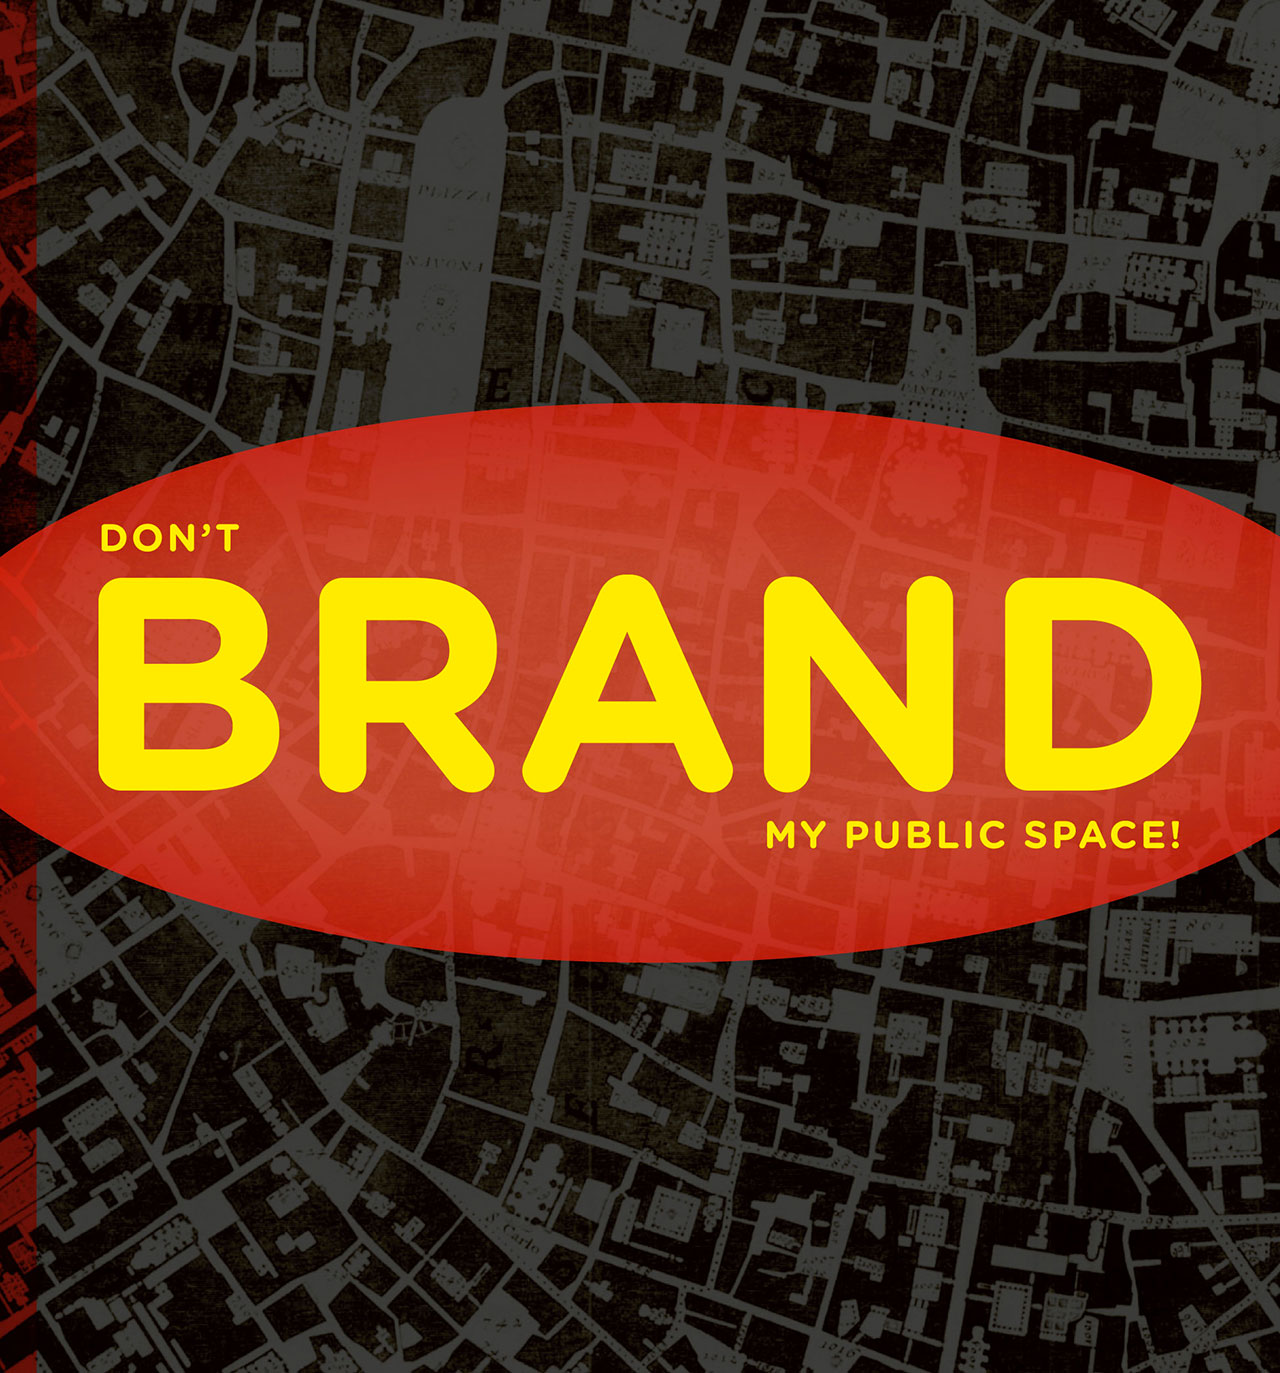 Le Brand territorial